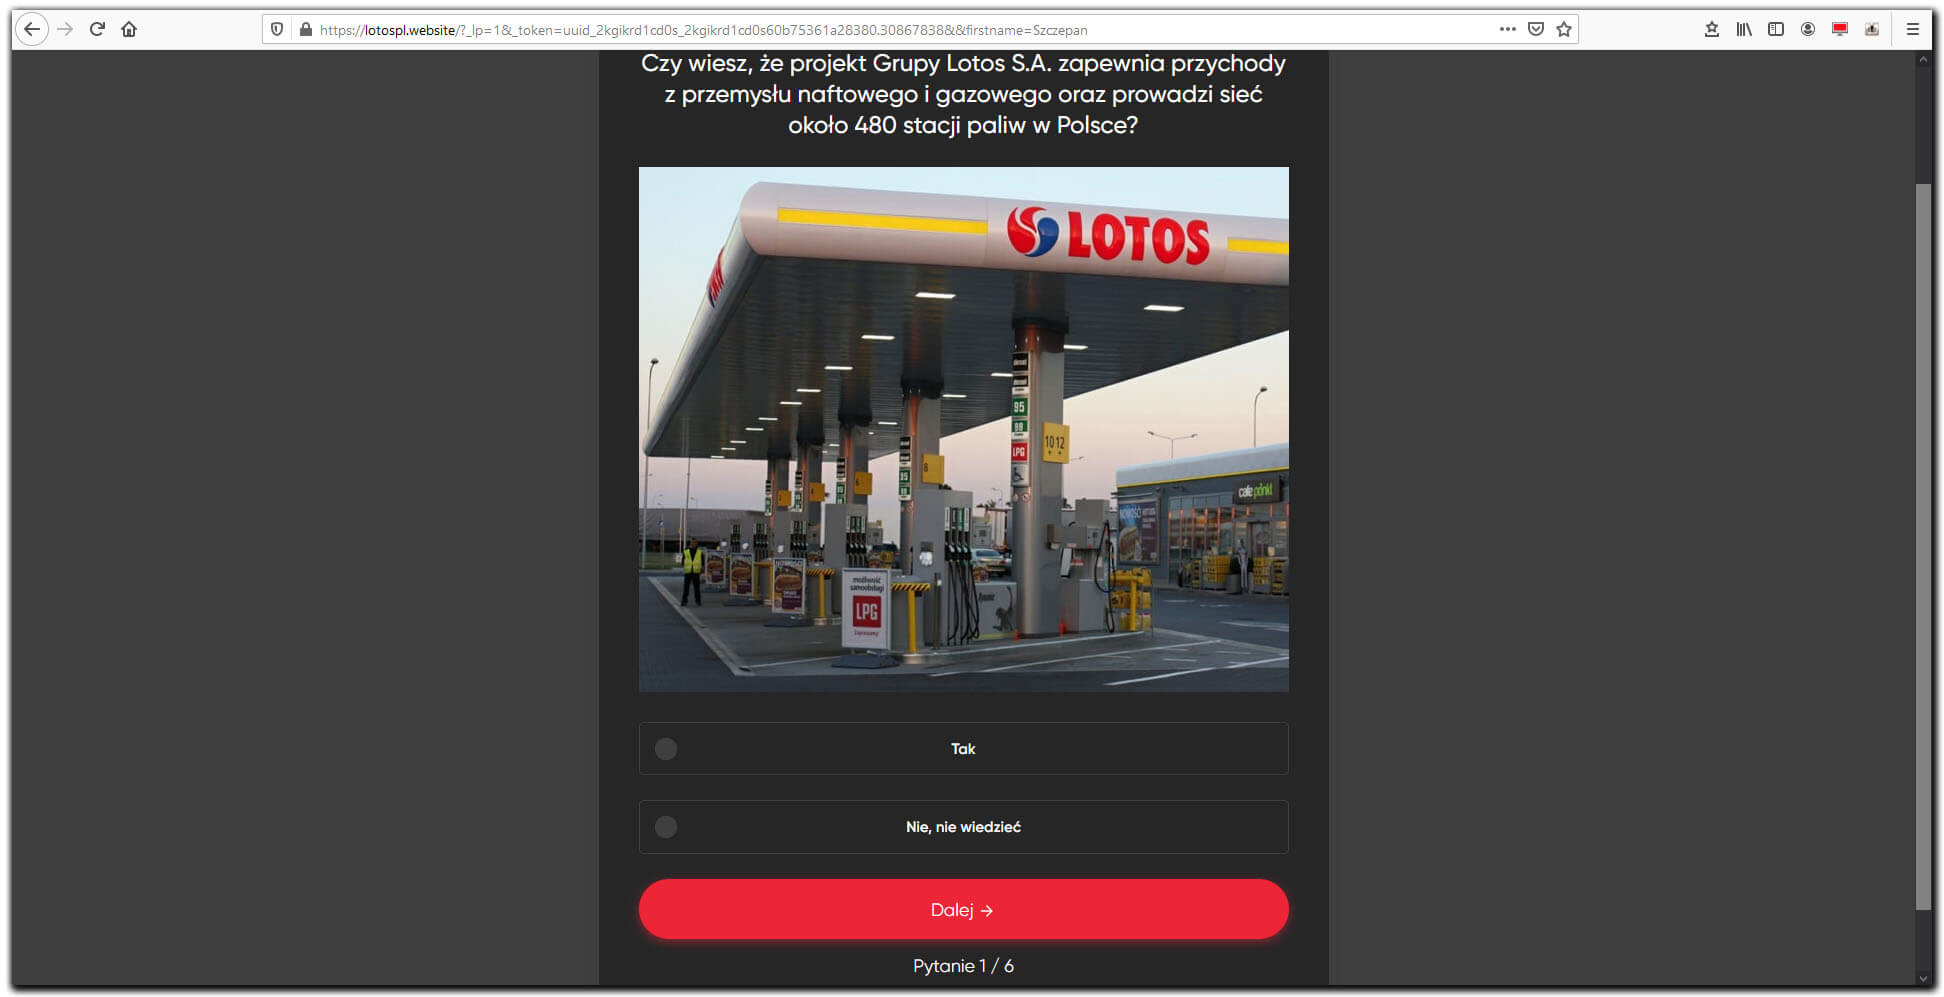 Fraud Lotos - pytania do formularza zgłoszeniowego